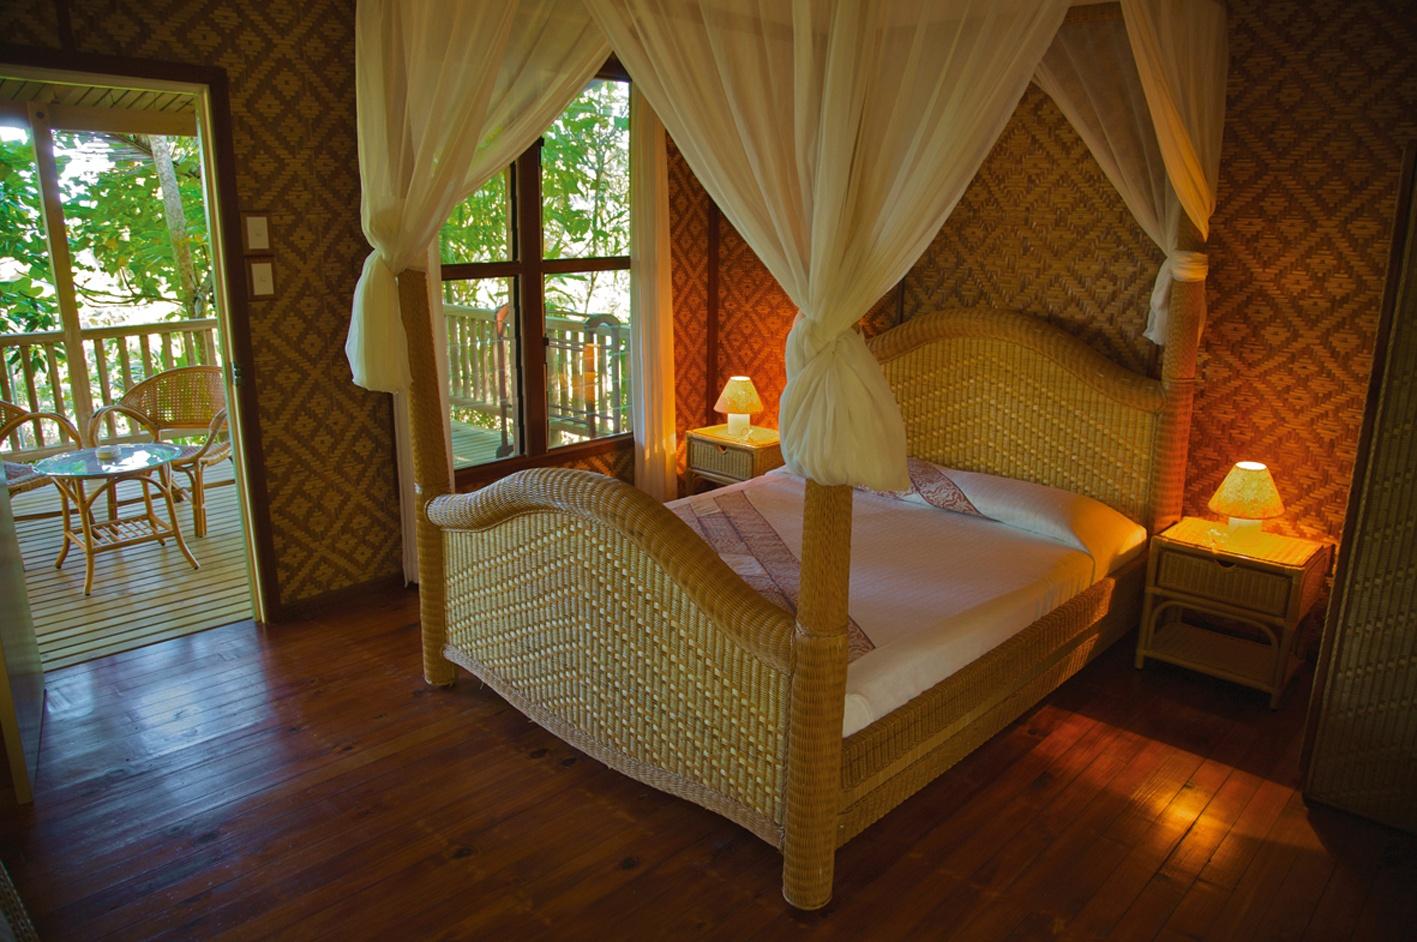 resort-room.jpg